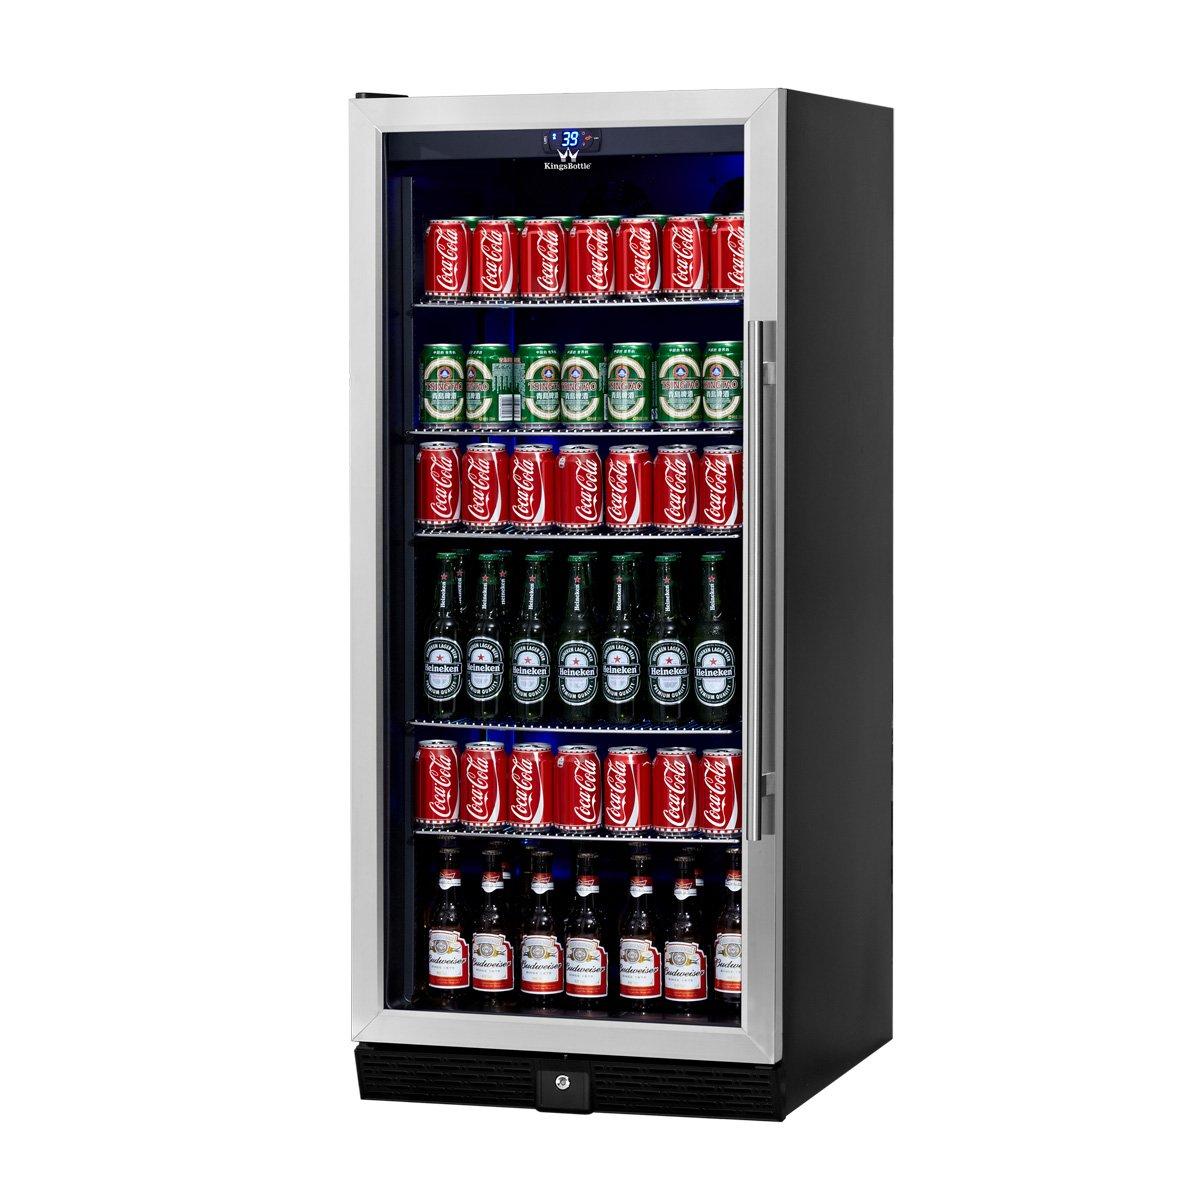 KingsBottle Beverage & Beer Glass Door Cooler- 198.4 Pounds Fridge for 300 Cans or bottles with 5 Chromed Steel Shelves – Ideal Refrigerator for Bars, Restaurants, Game Room with Noise Free Compressor